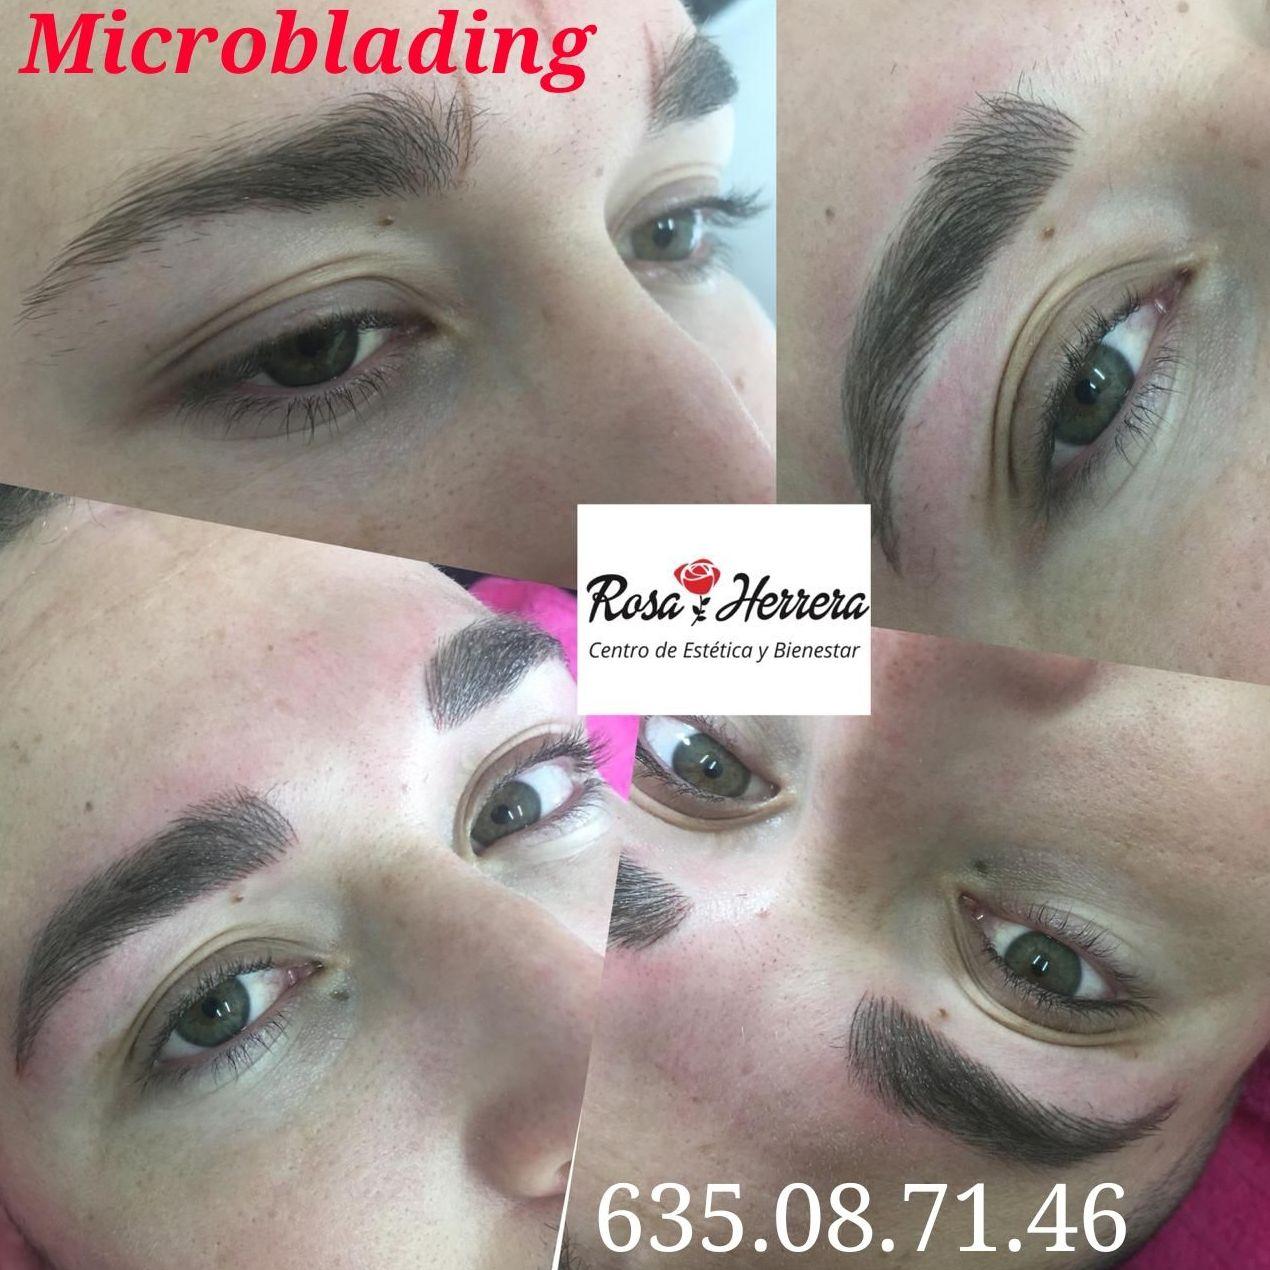 MICROBLADING TECNICA PELO A PELO